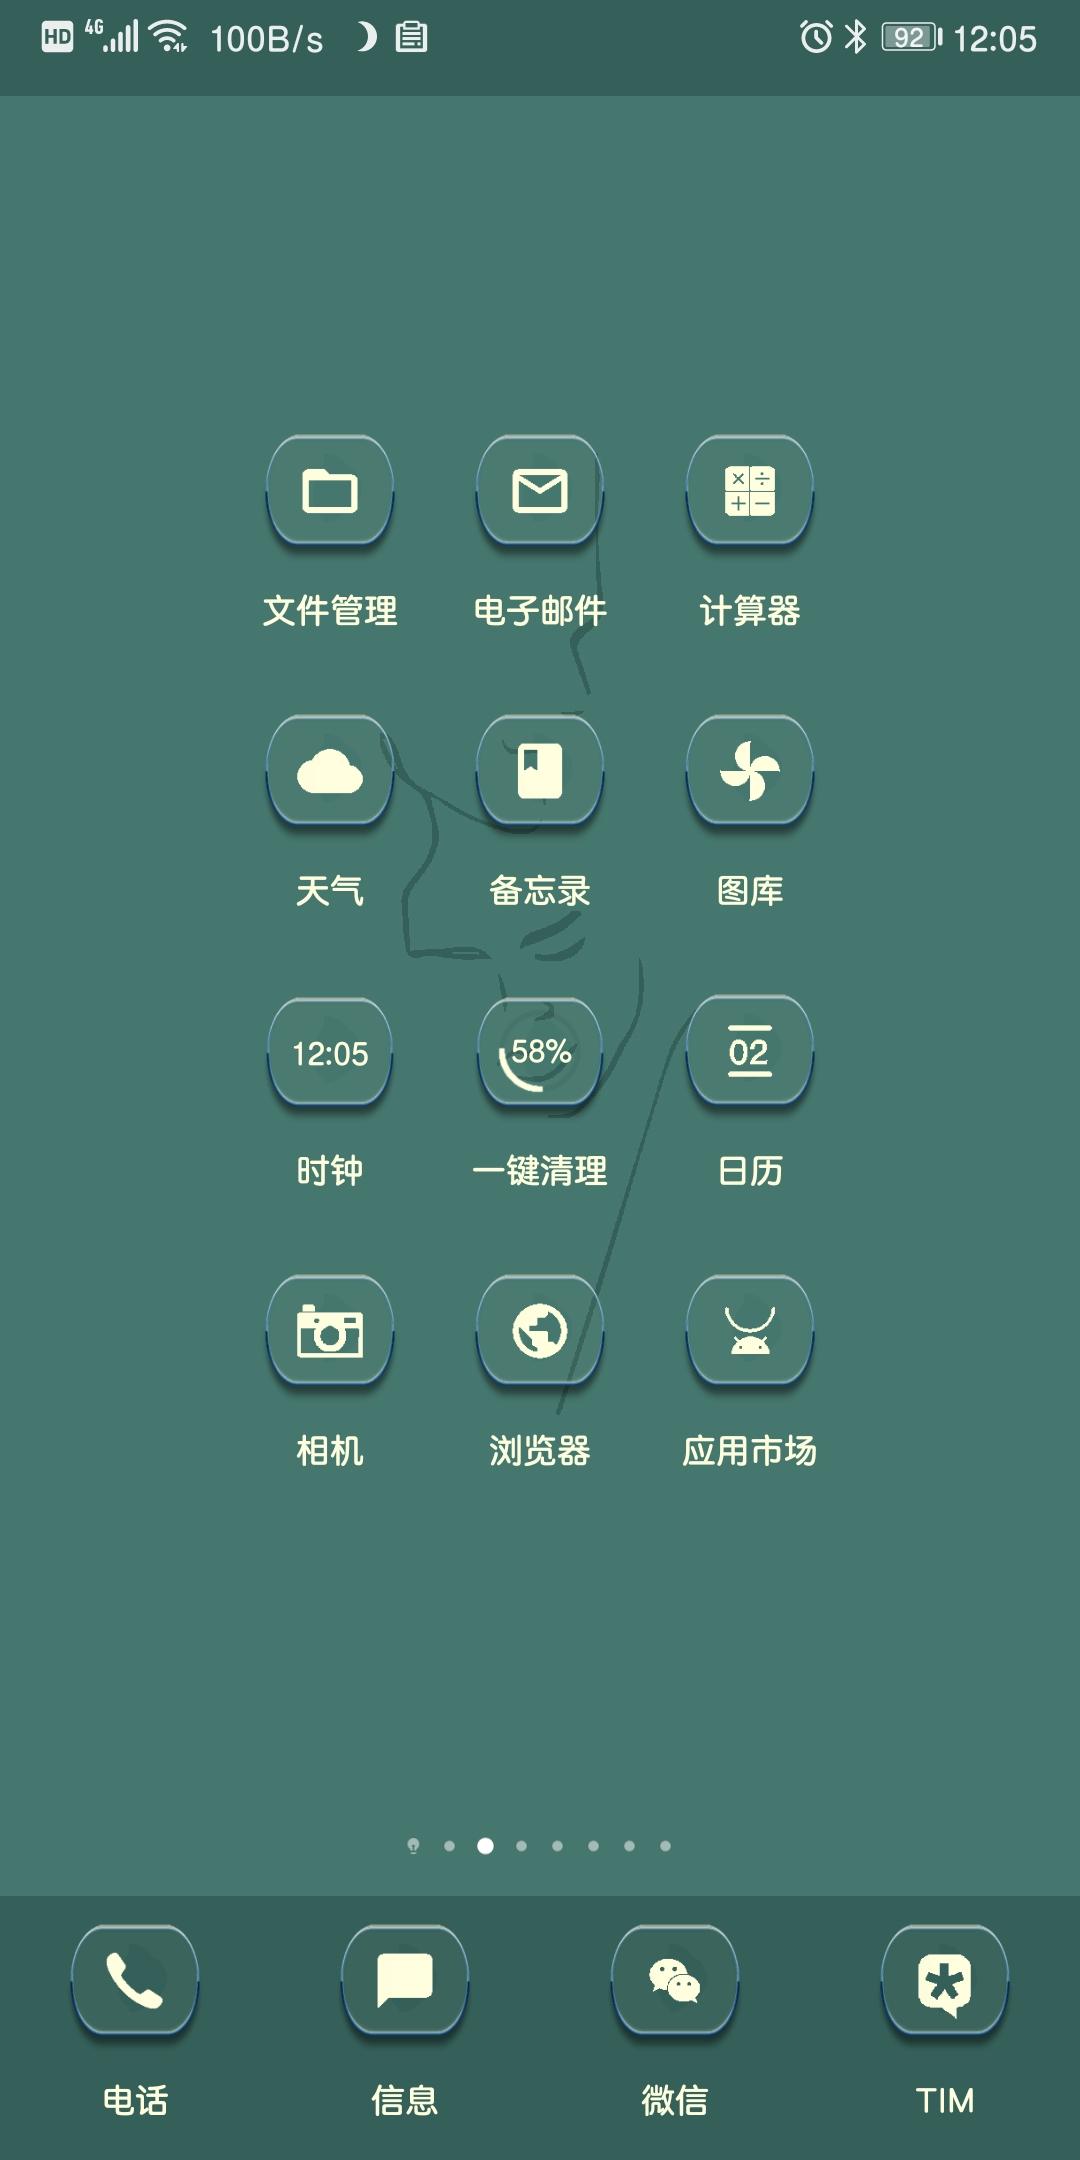 Screenshot_20200102_120558_com.huawei.android.launcher.jpg